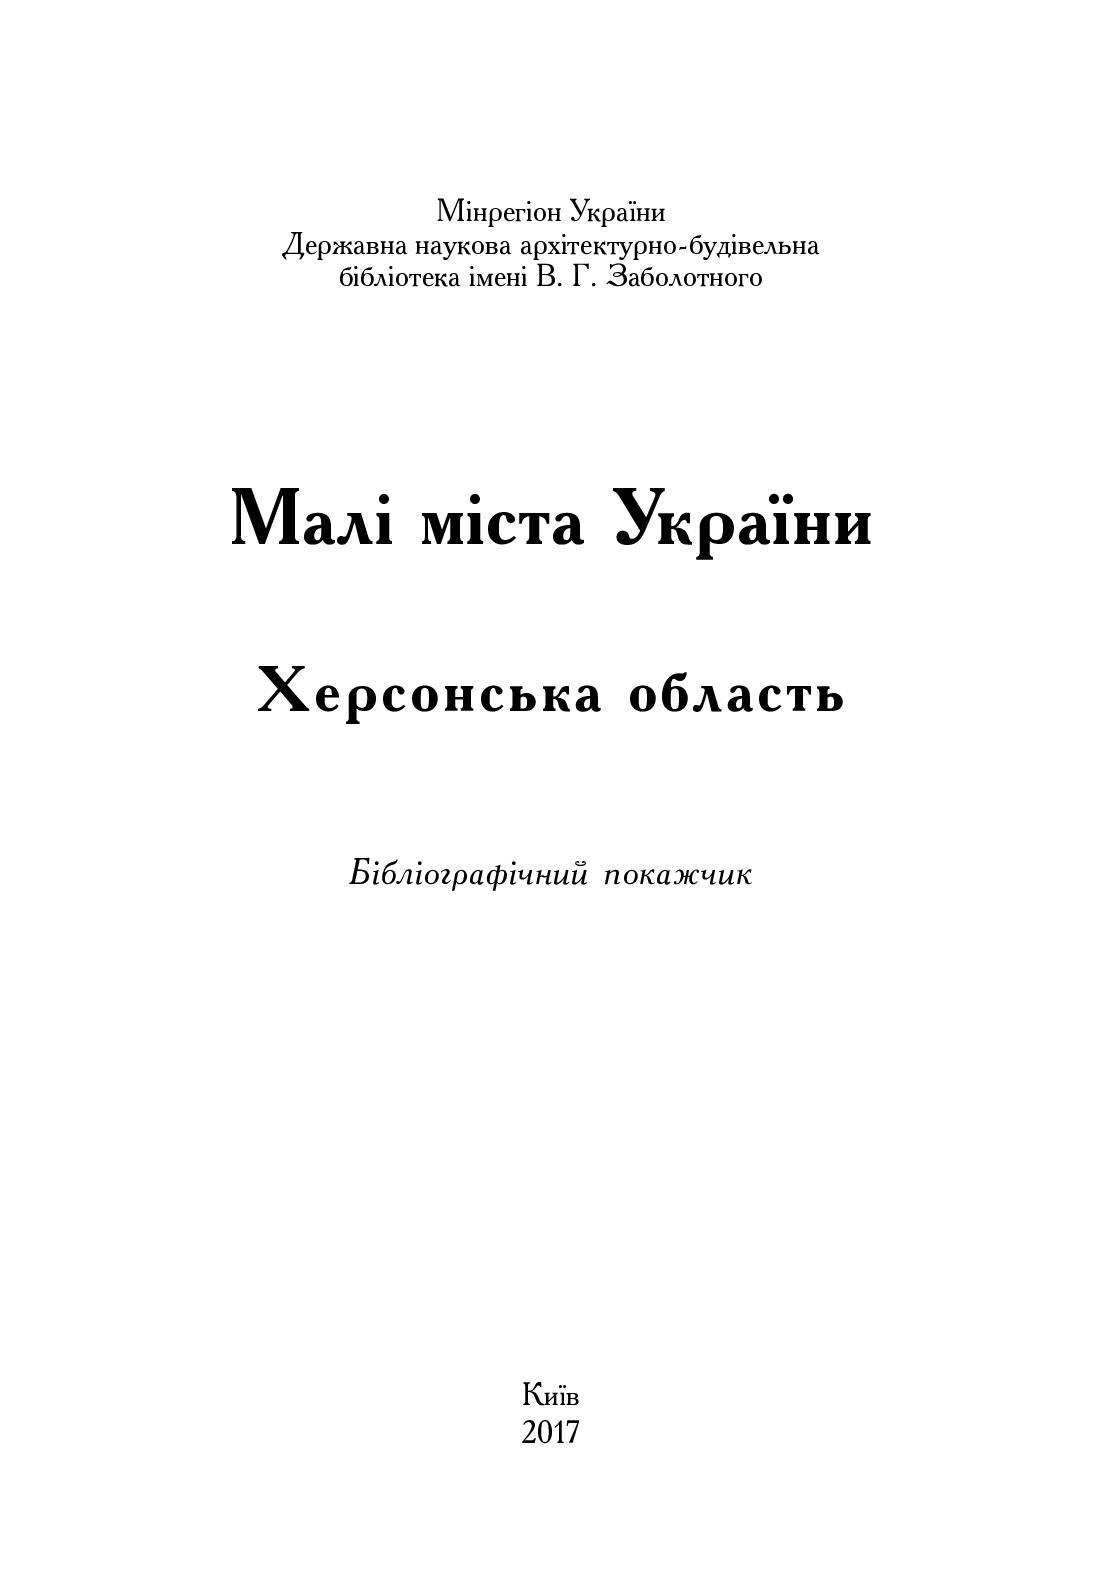 Херсонська область 30 06 2017